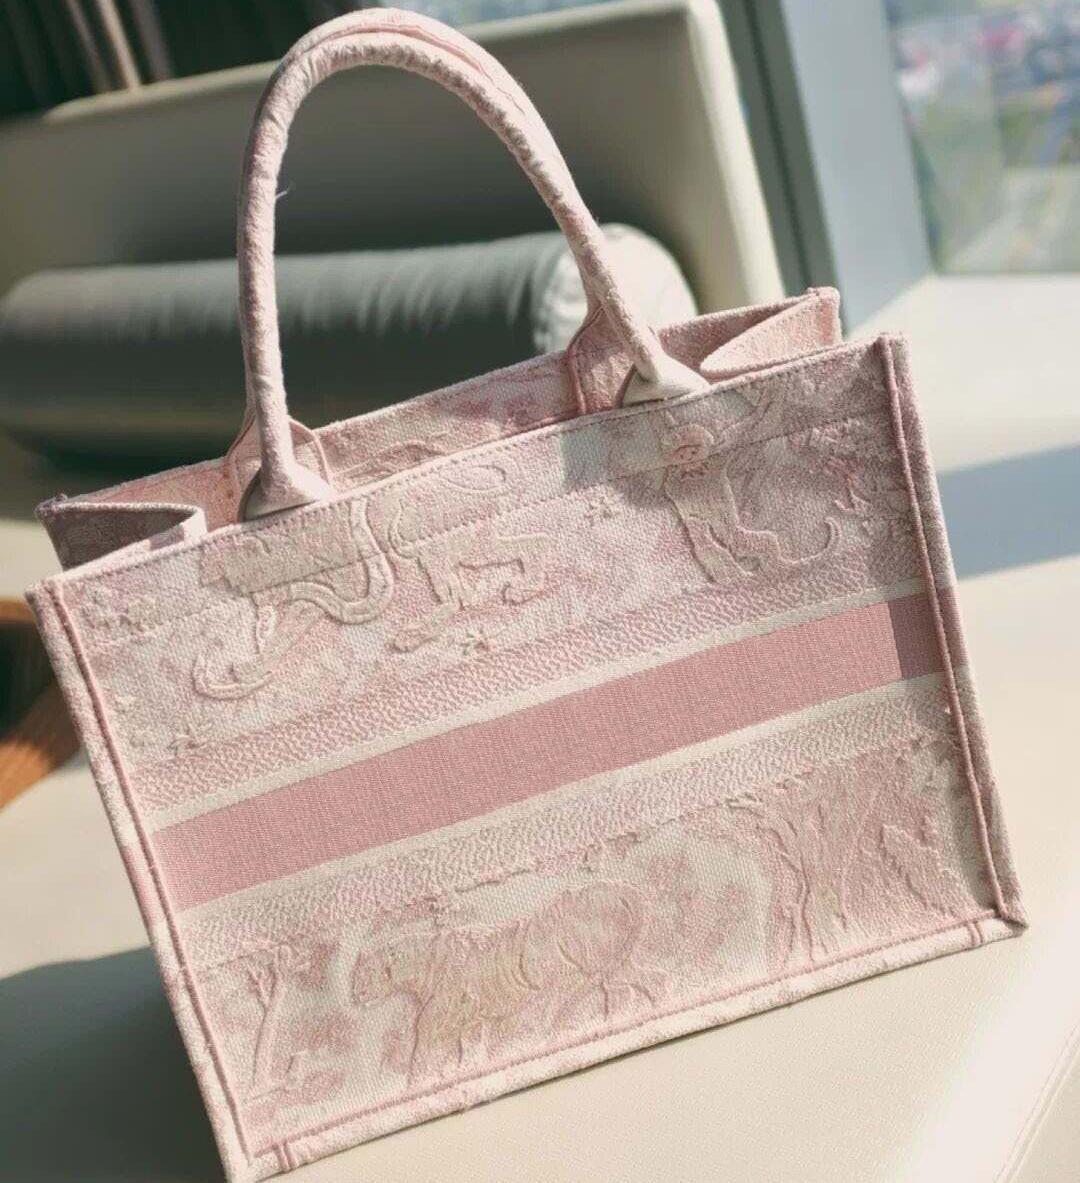 2020 Novo padrão de tigre bordado grande capacidade de luxo grande marca sacola bolsa bolsa de mão handmade dupla flor